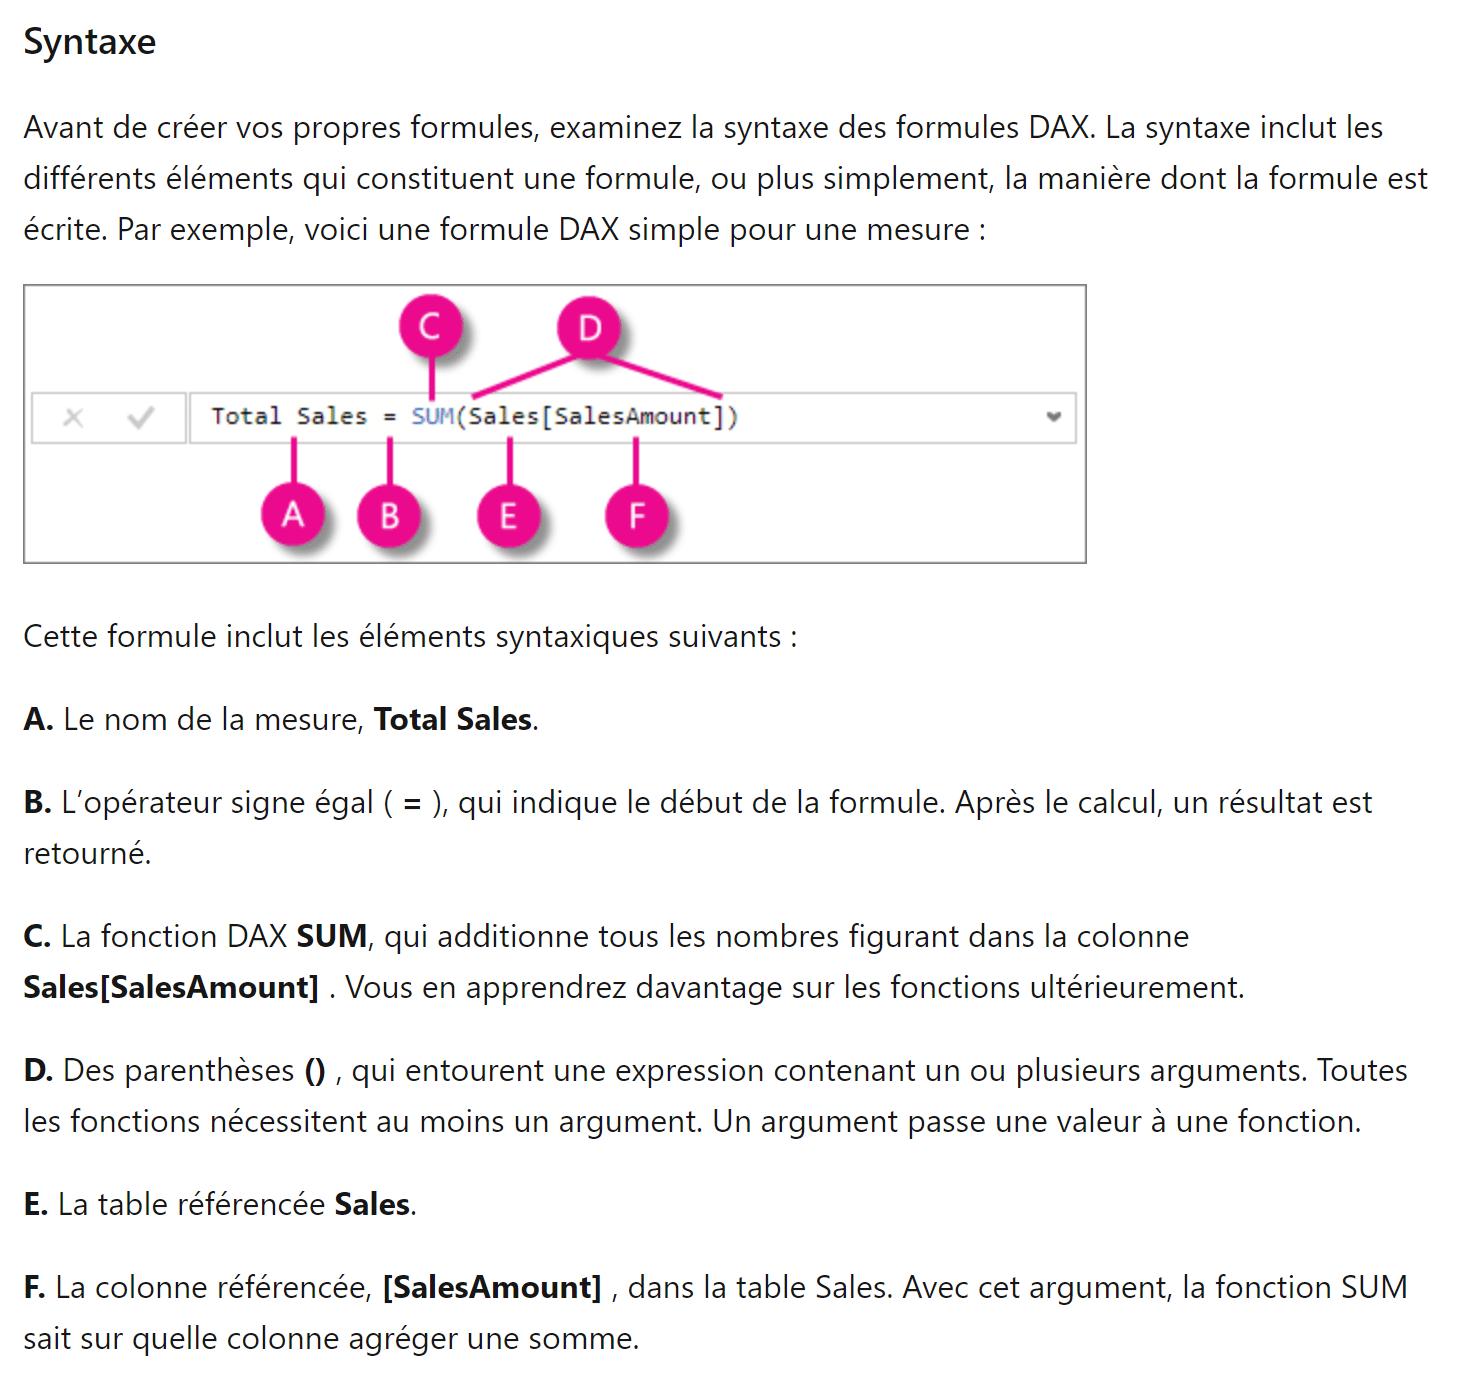 DAX syntaxe